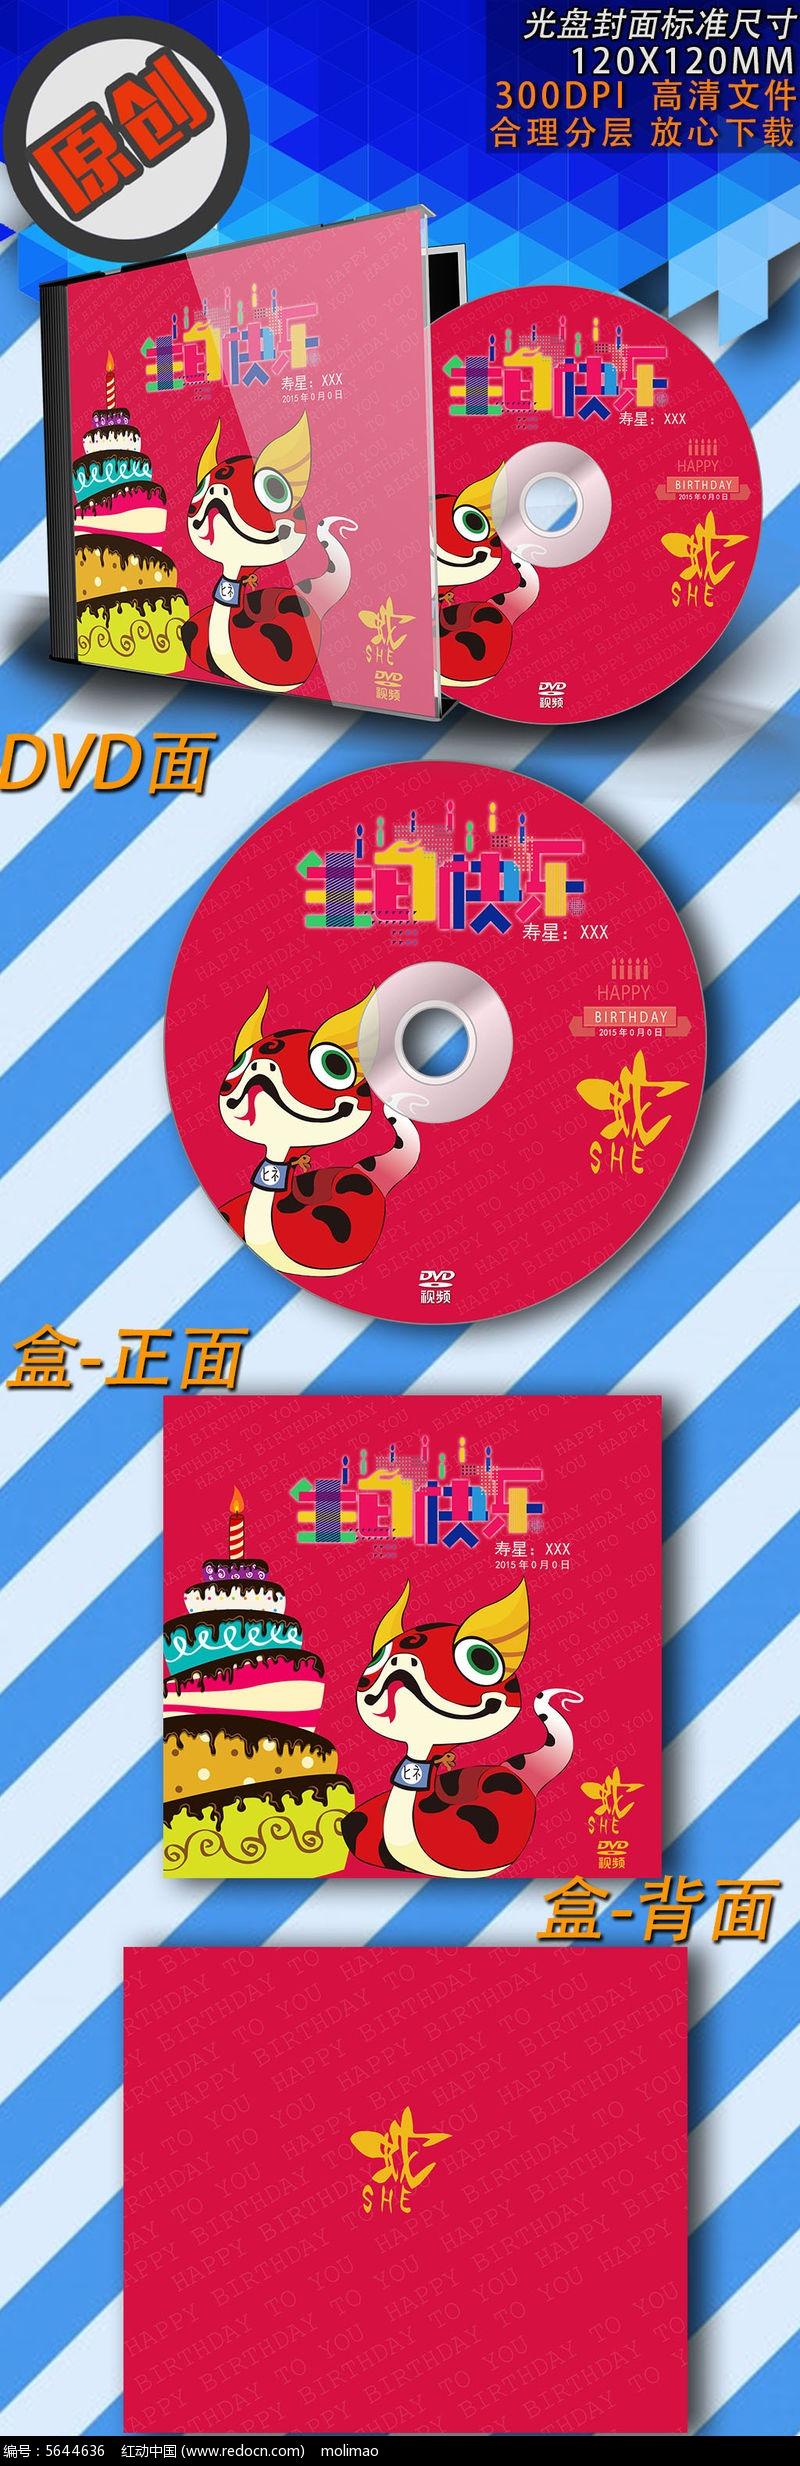 十二生肖蛇生日光盘包装图片